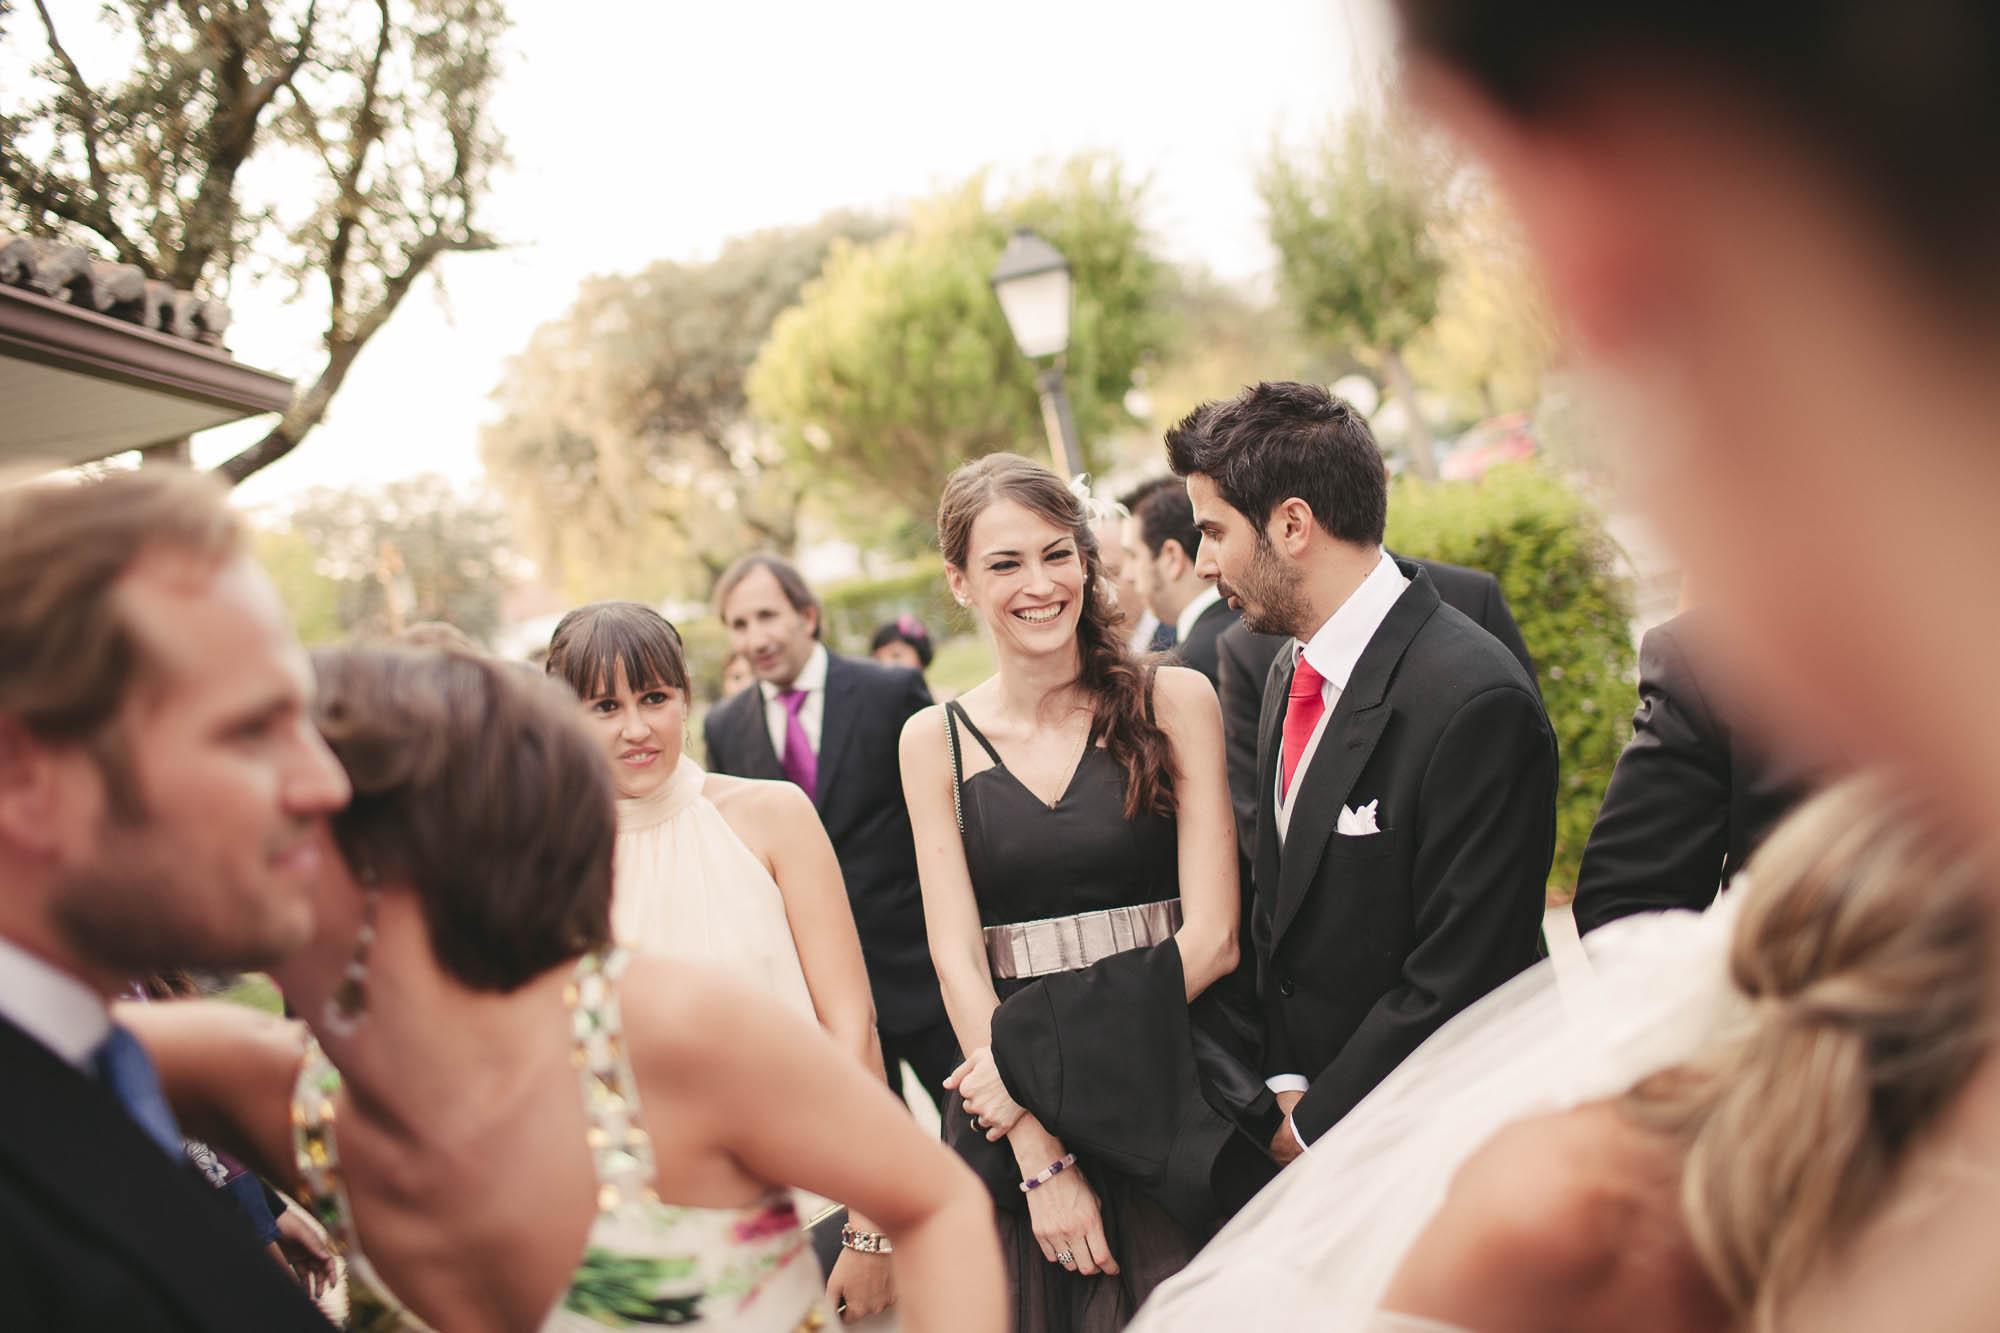 Los invitados saludan a los novios